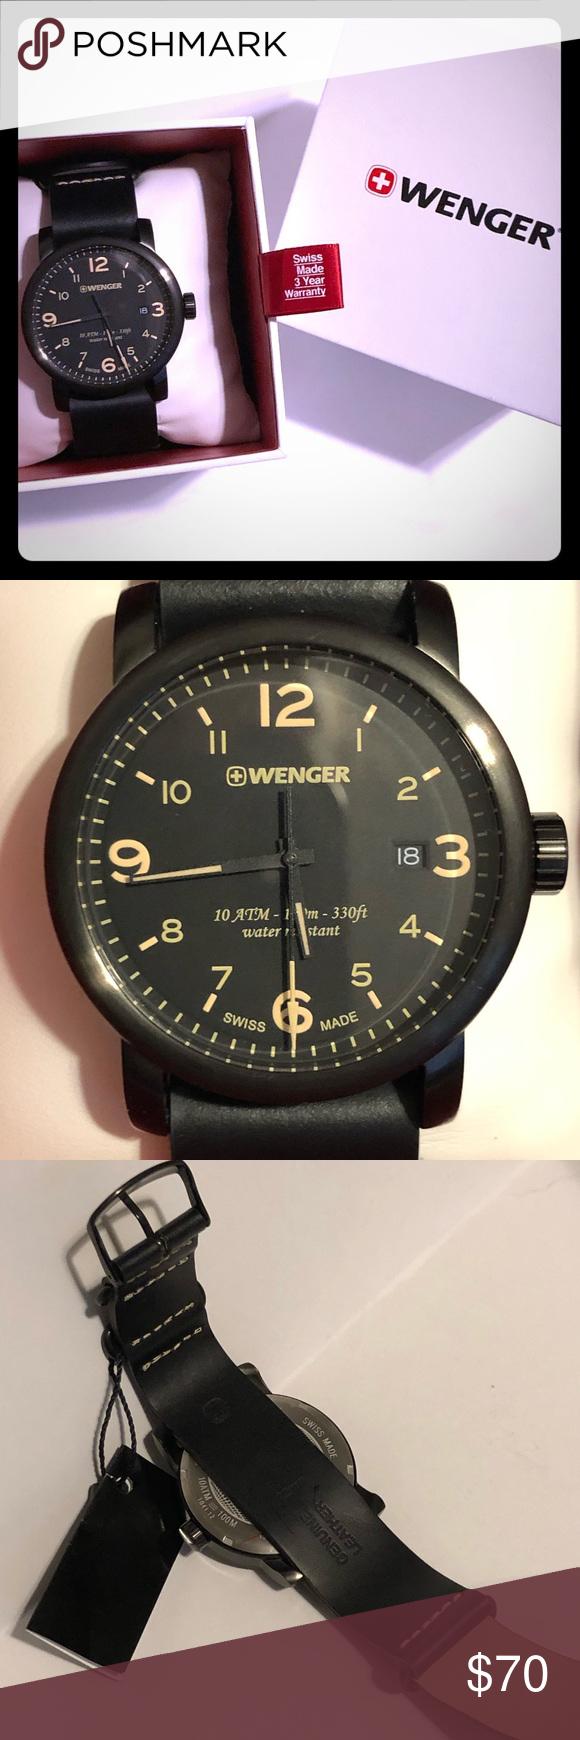 Wenger Men S Watch Bnib Accessories Watches Accessories Leather Watch